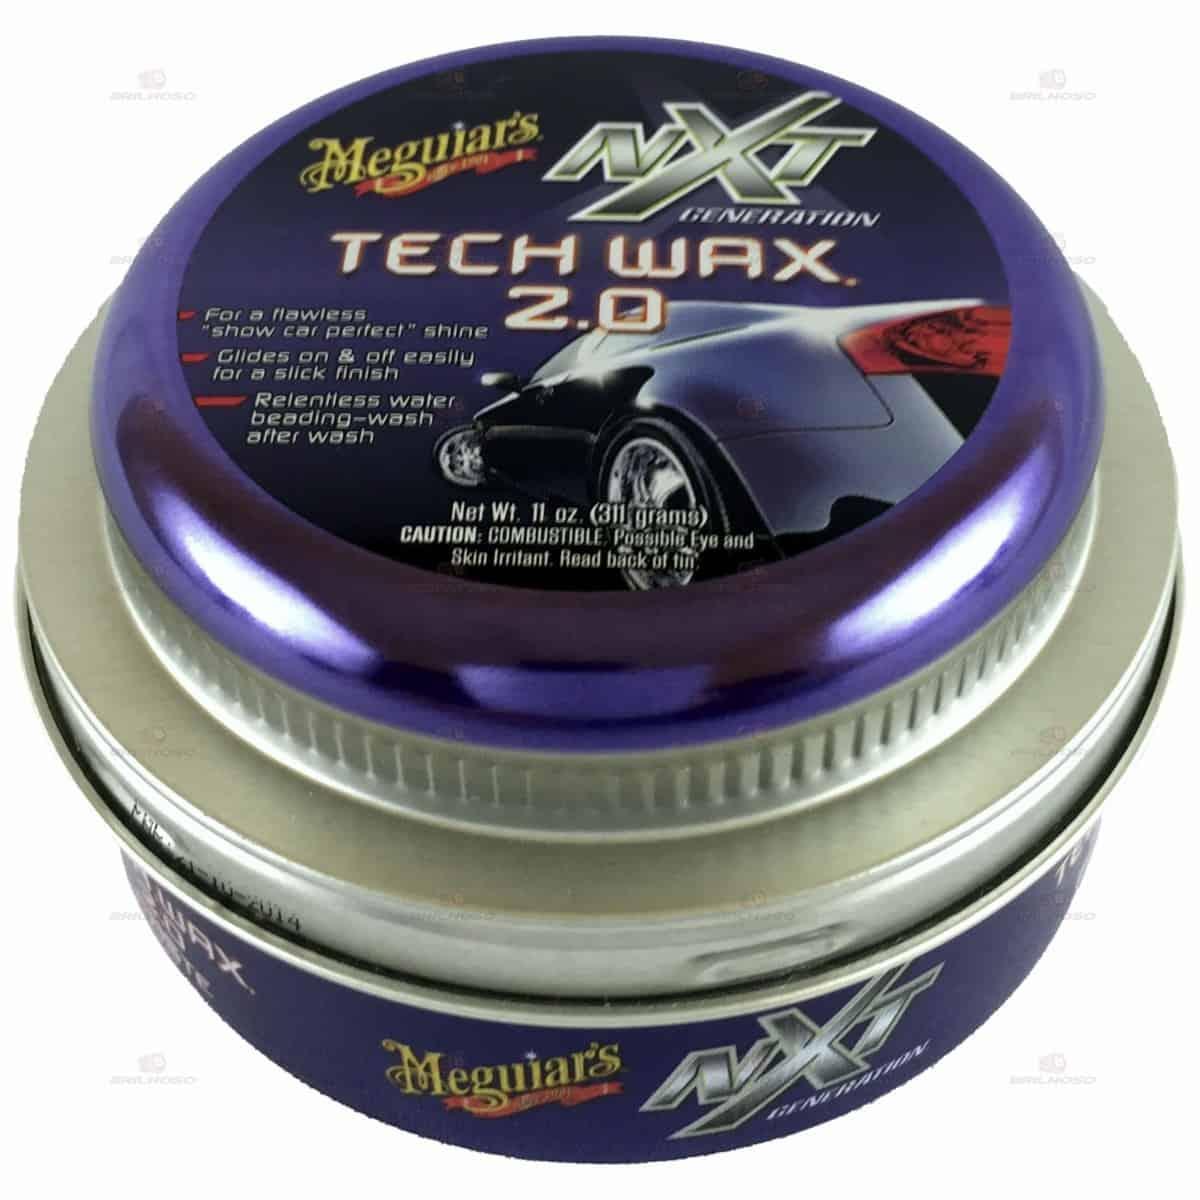 Foto 1 - Cera NXT Tech Wax Pasta Meguiars 311g